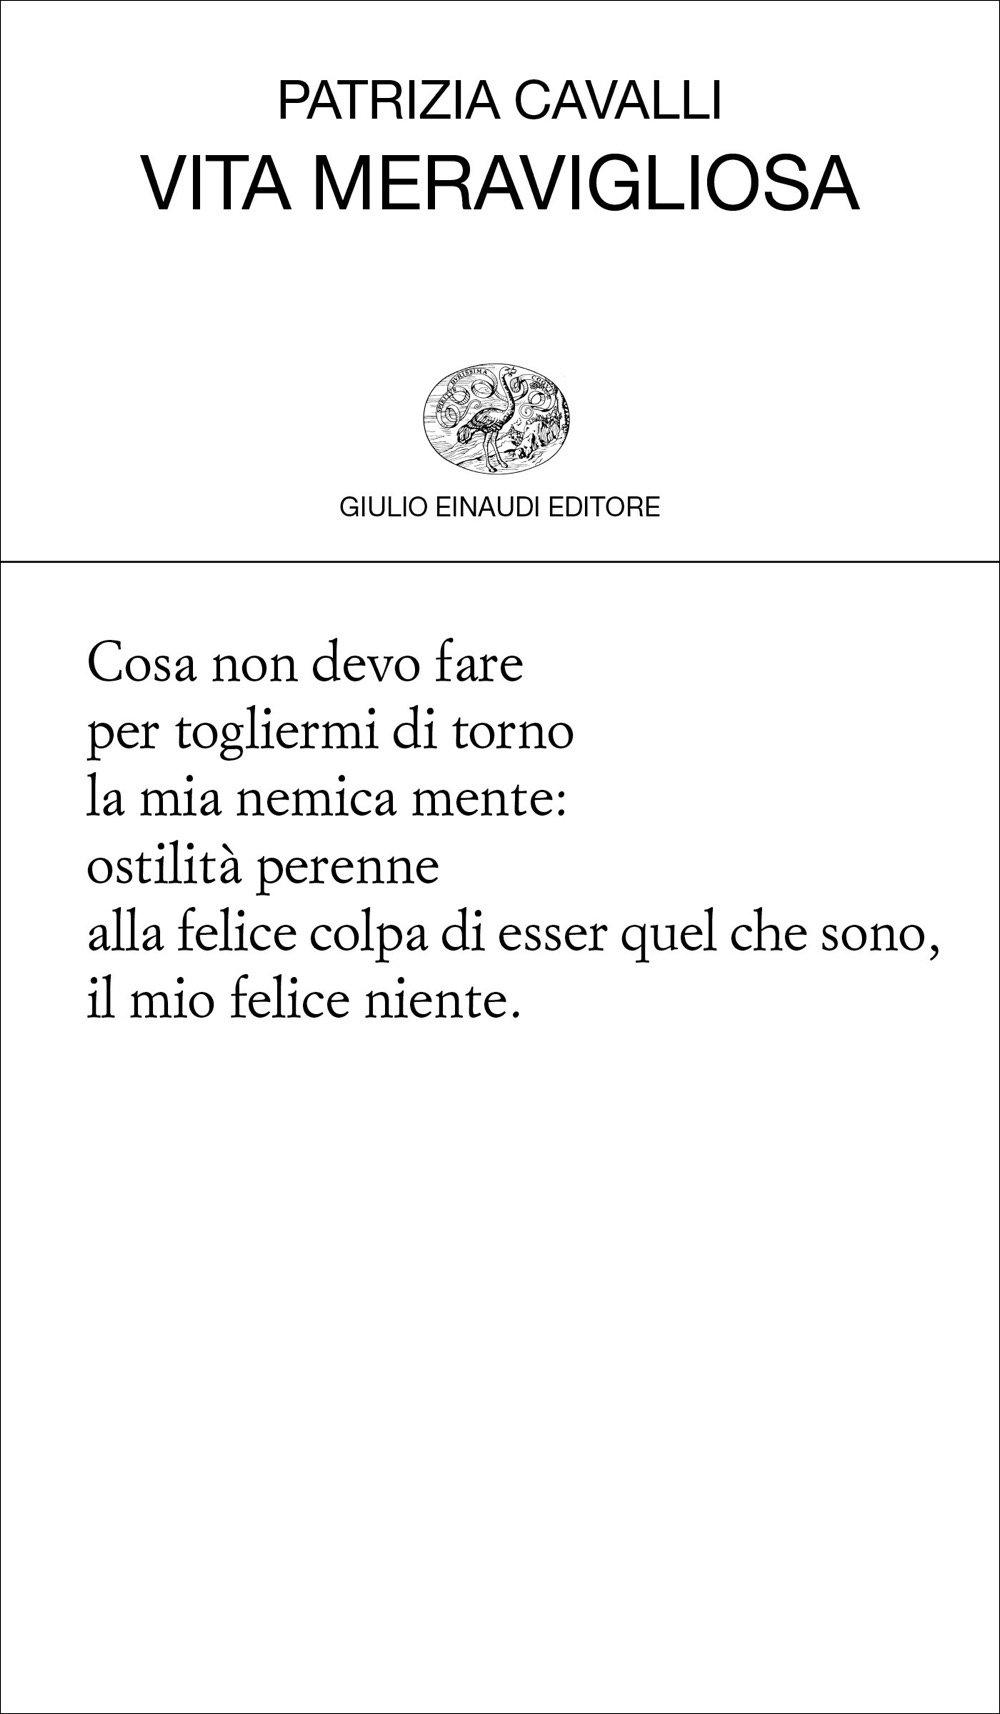 """Gianluigi Simonetti su """"Vita meravigliosa"""" di Patrizia Cavalli"""